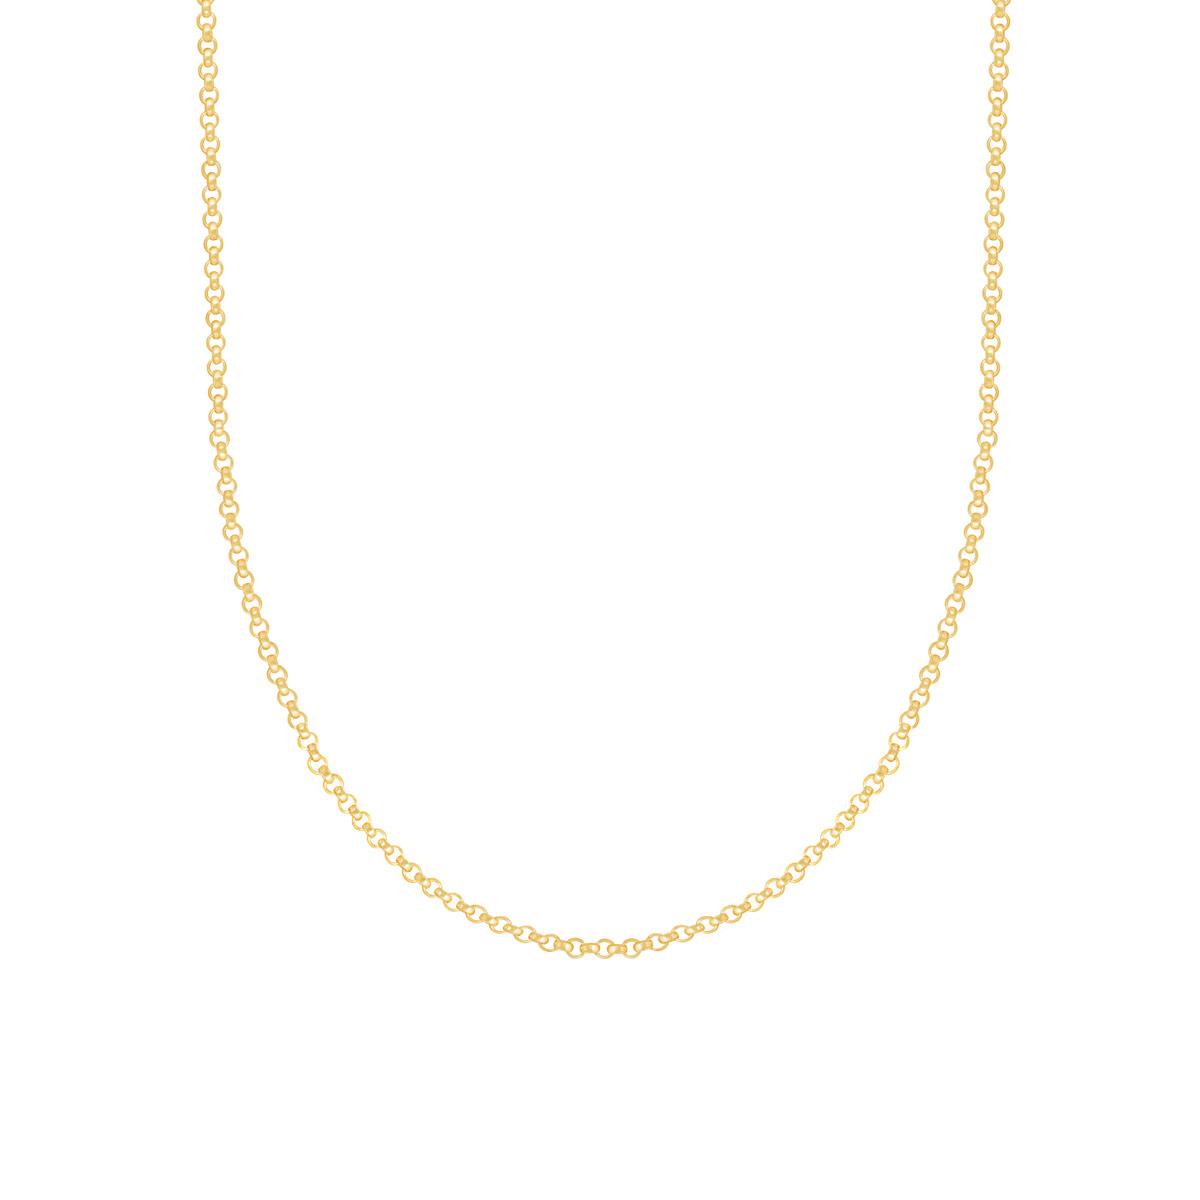 گردنبند زنجیری طلا رولو متوسط